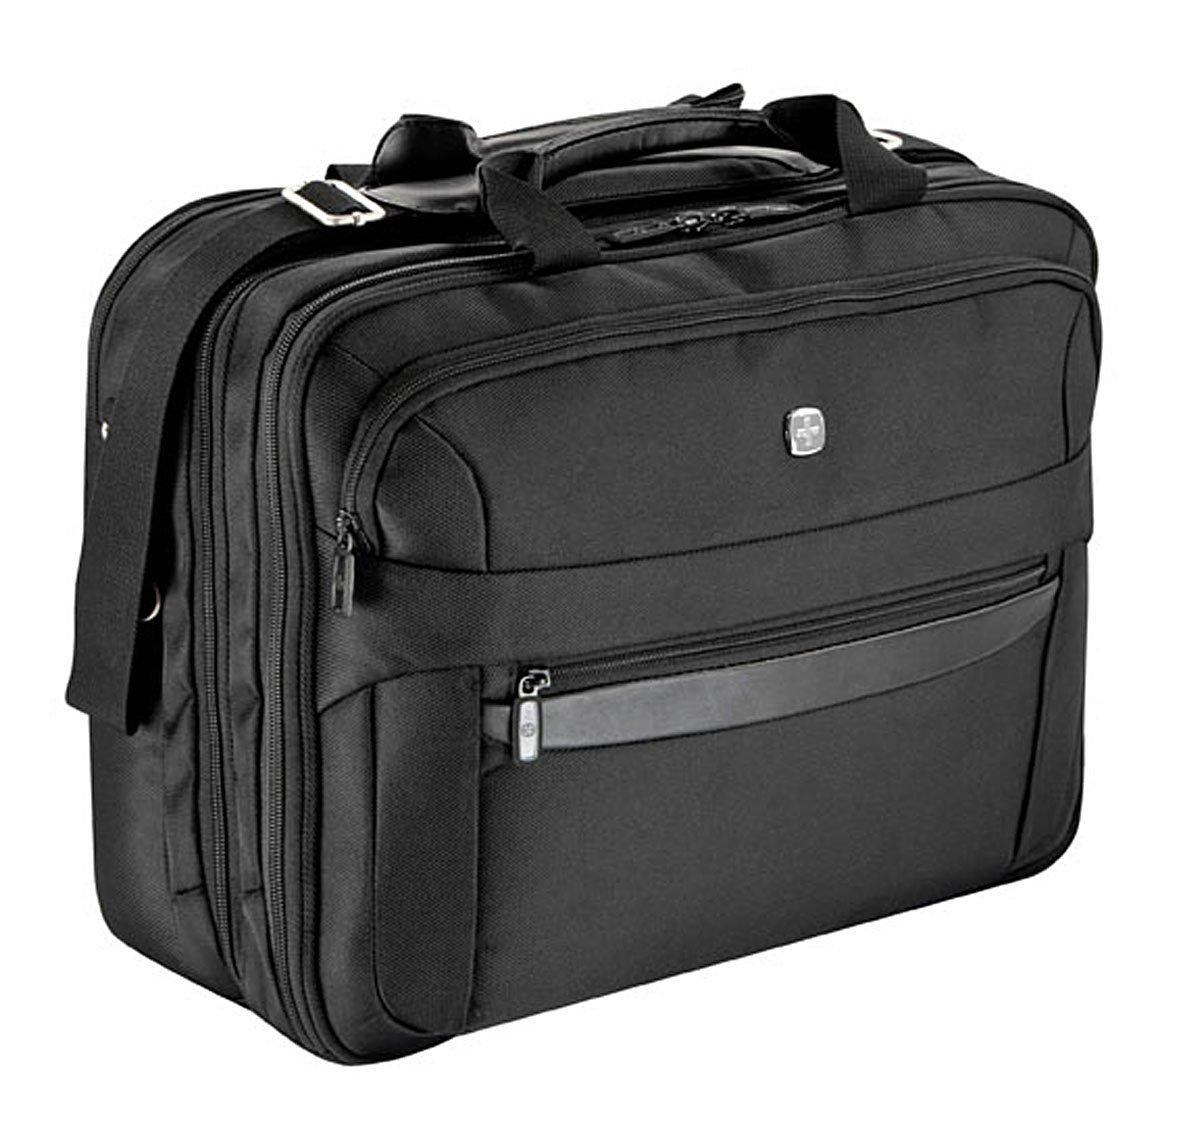 Wenger RV-Businesstasche mit 3 Fächern, Laptopfach 17 Schwarz 2160504